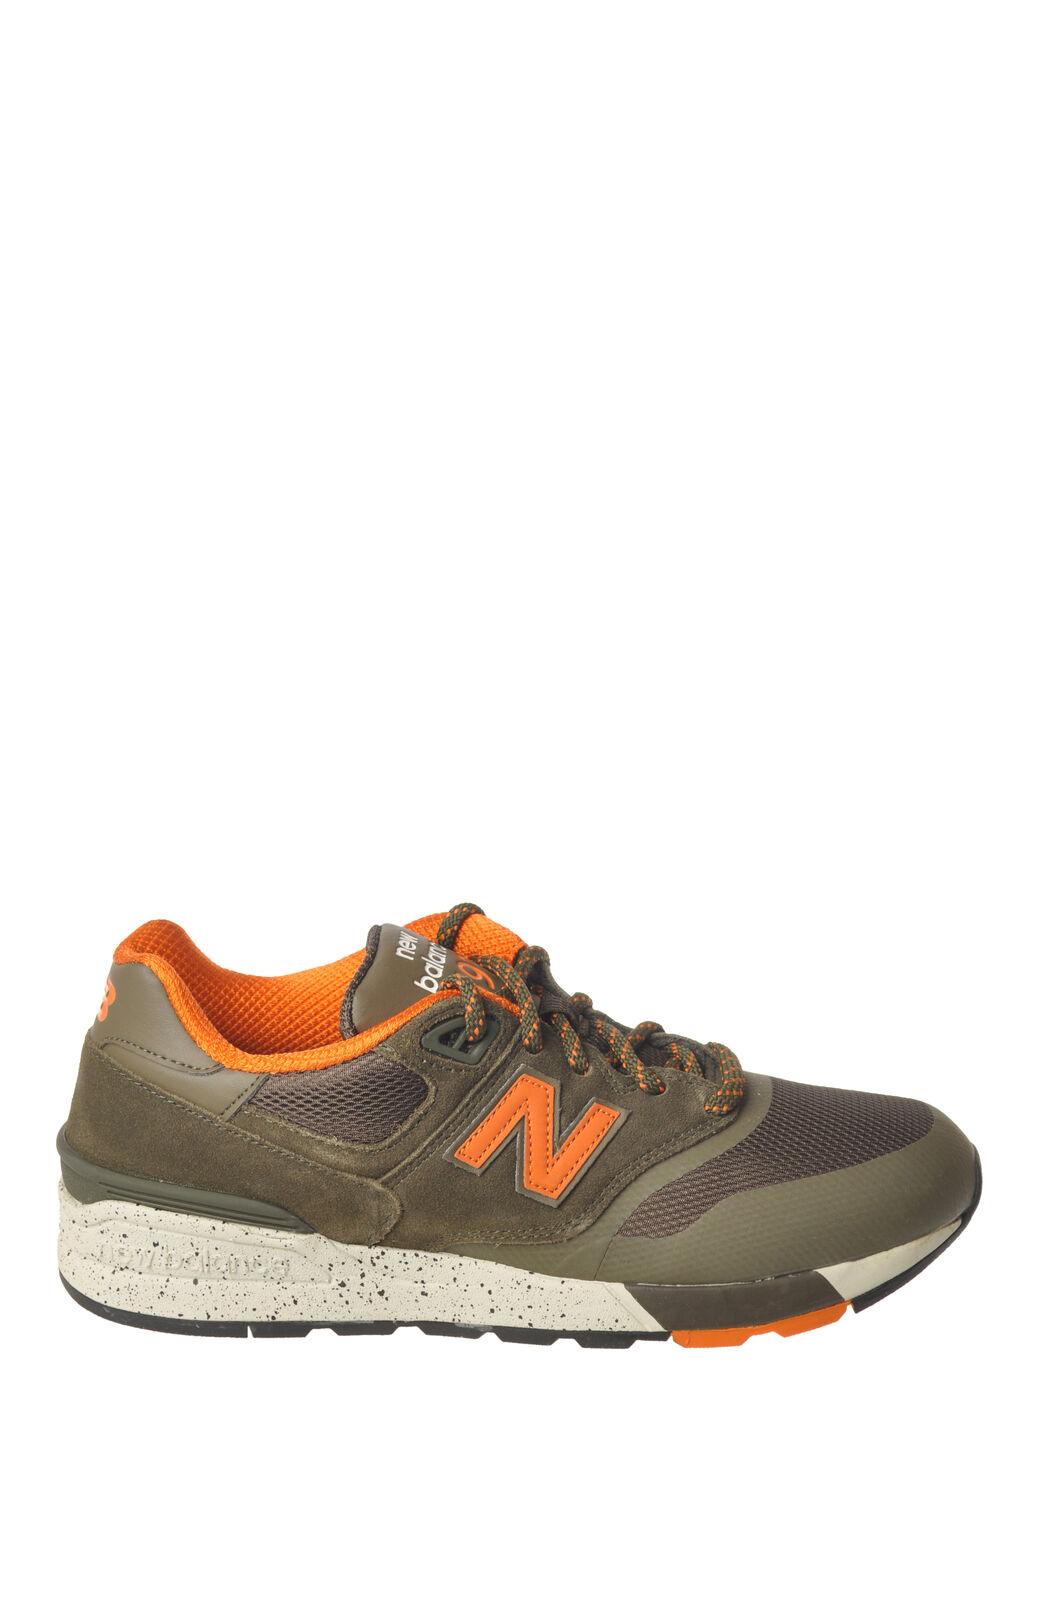 nouveau   - chaussures-Lace Up - Man - vert - 5774814G191302